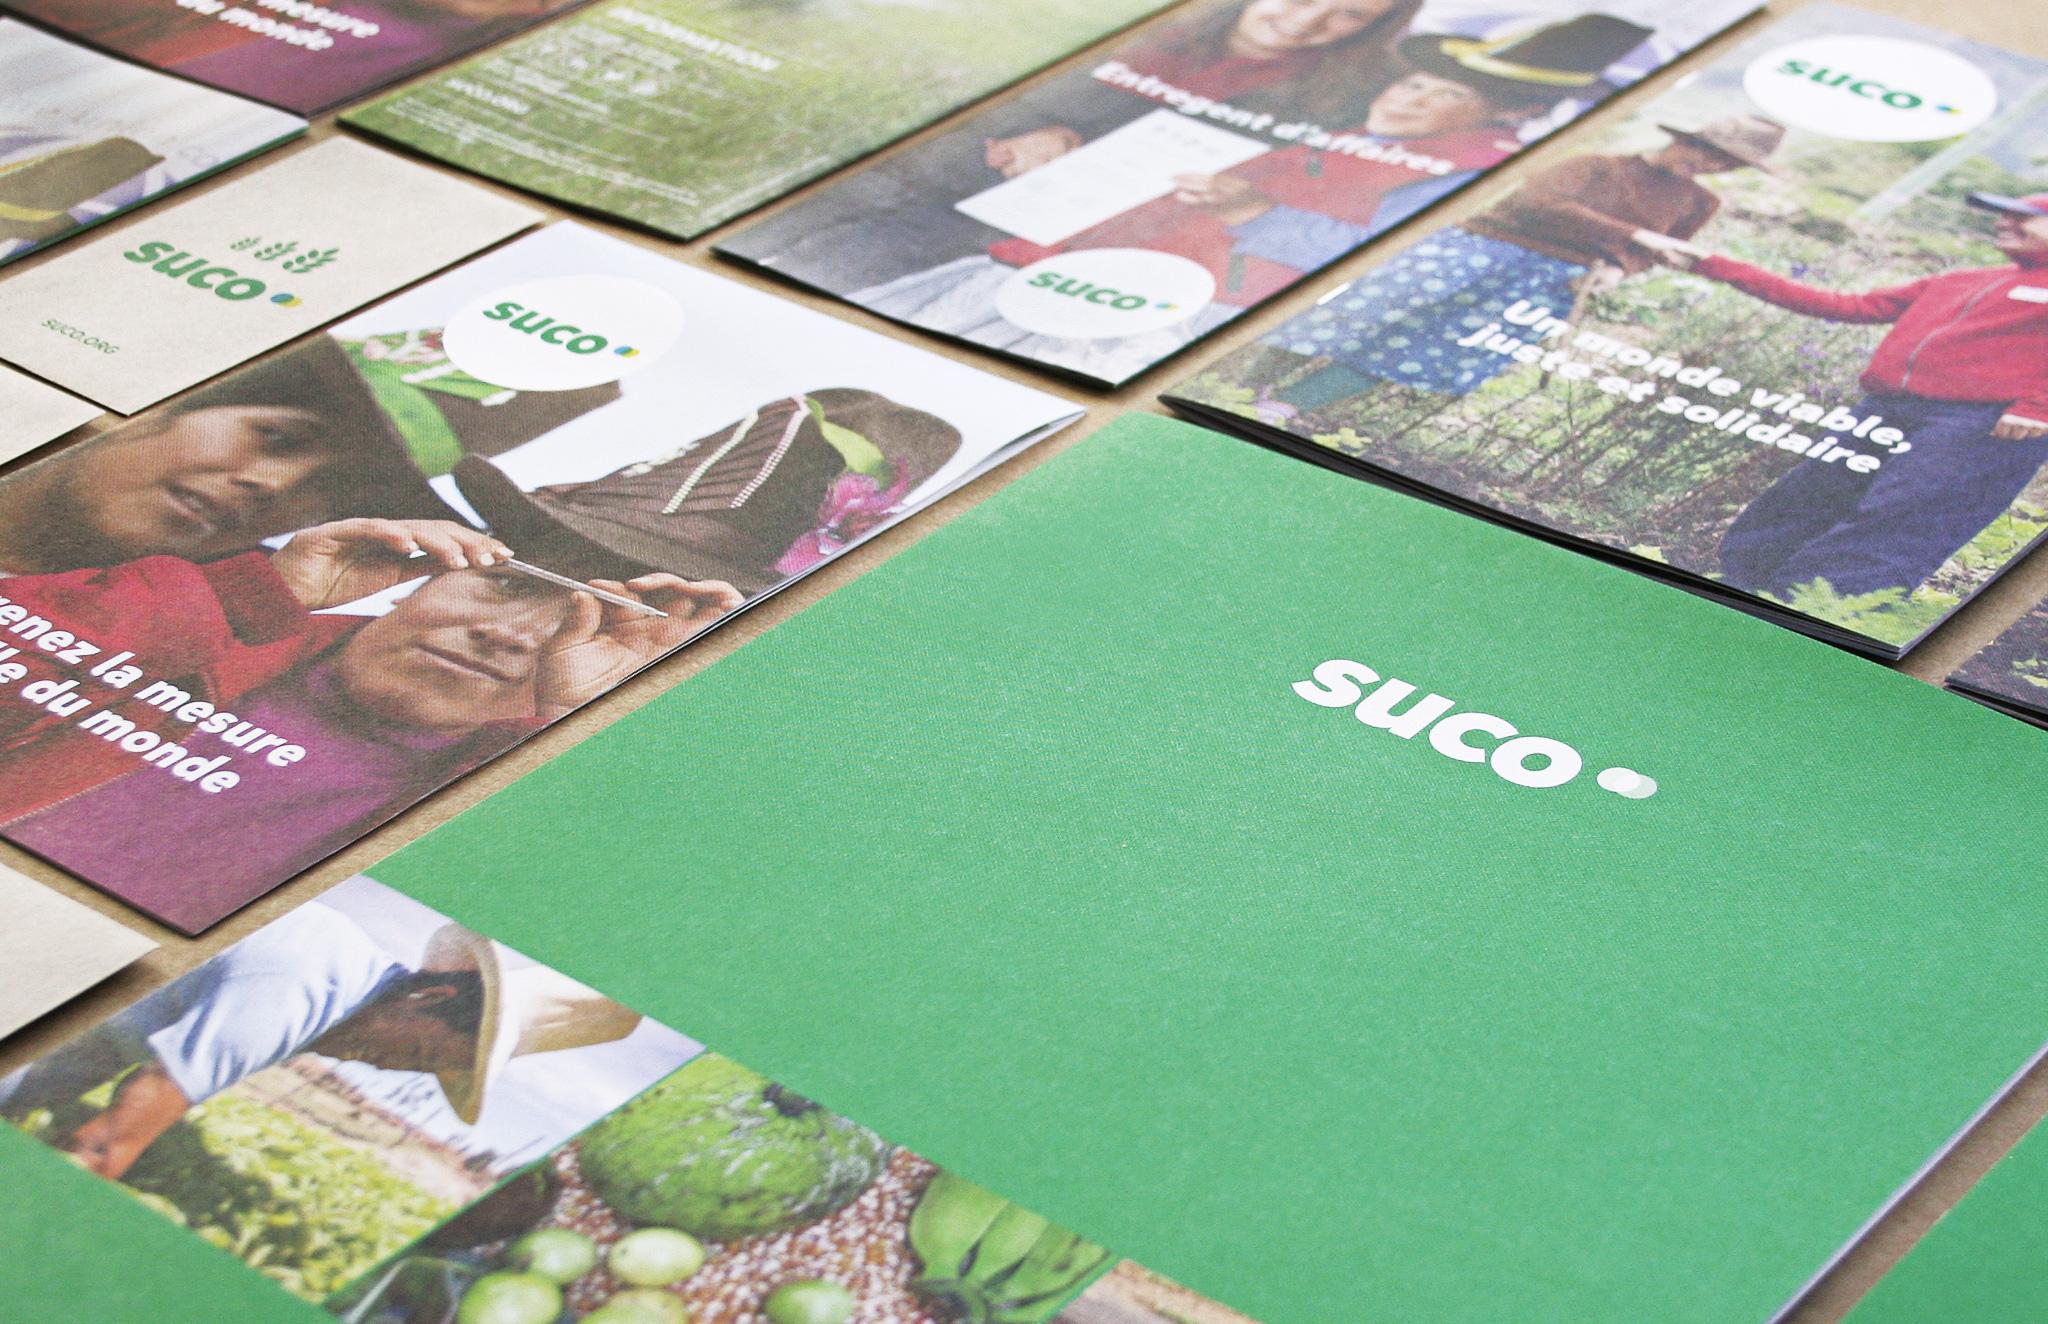 Dépliant, brochure, publipostage et outils promotionnels de Suco.